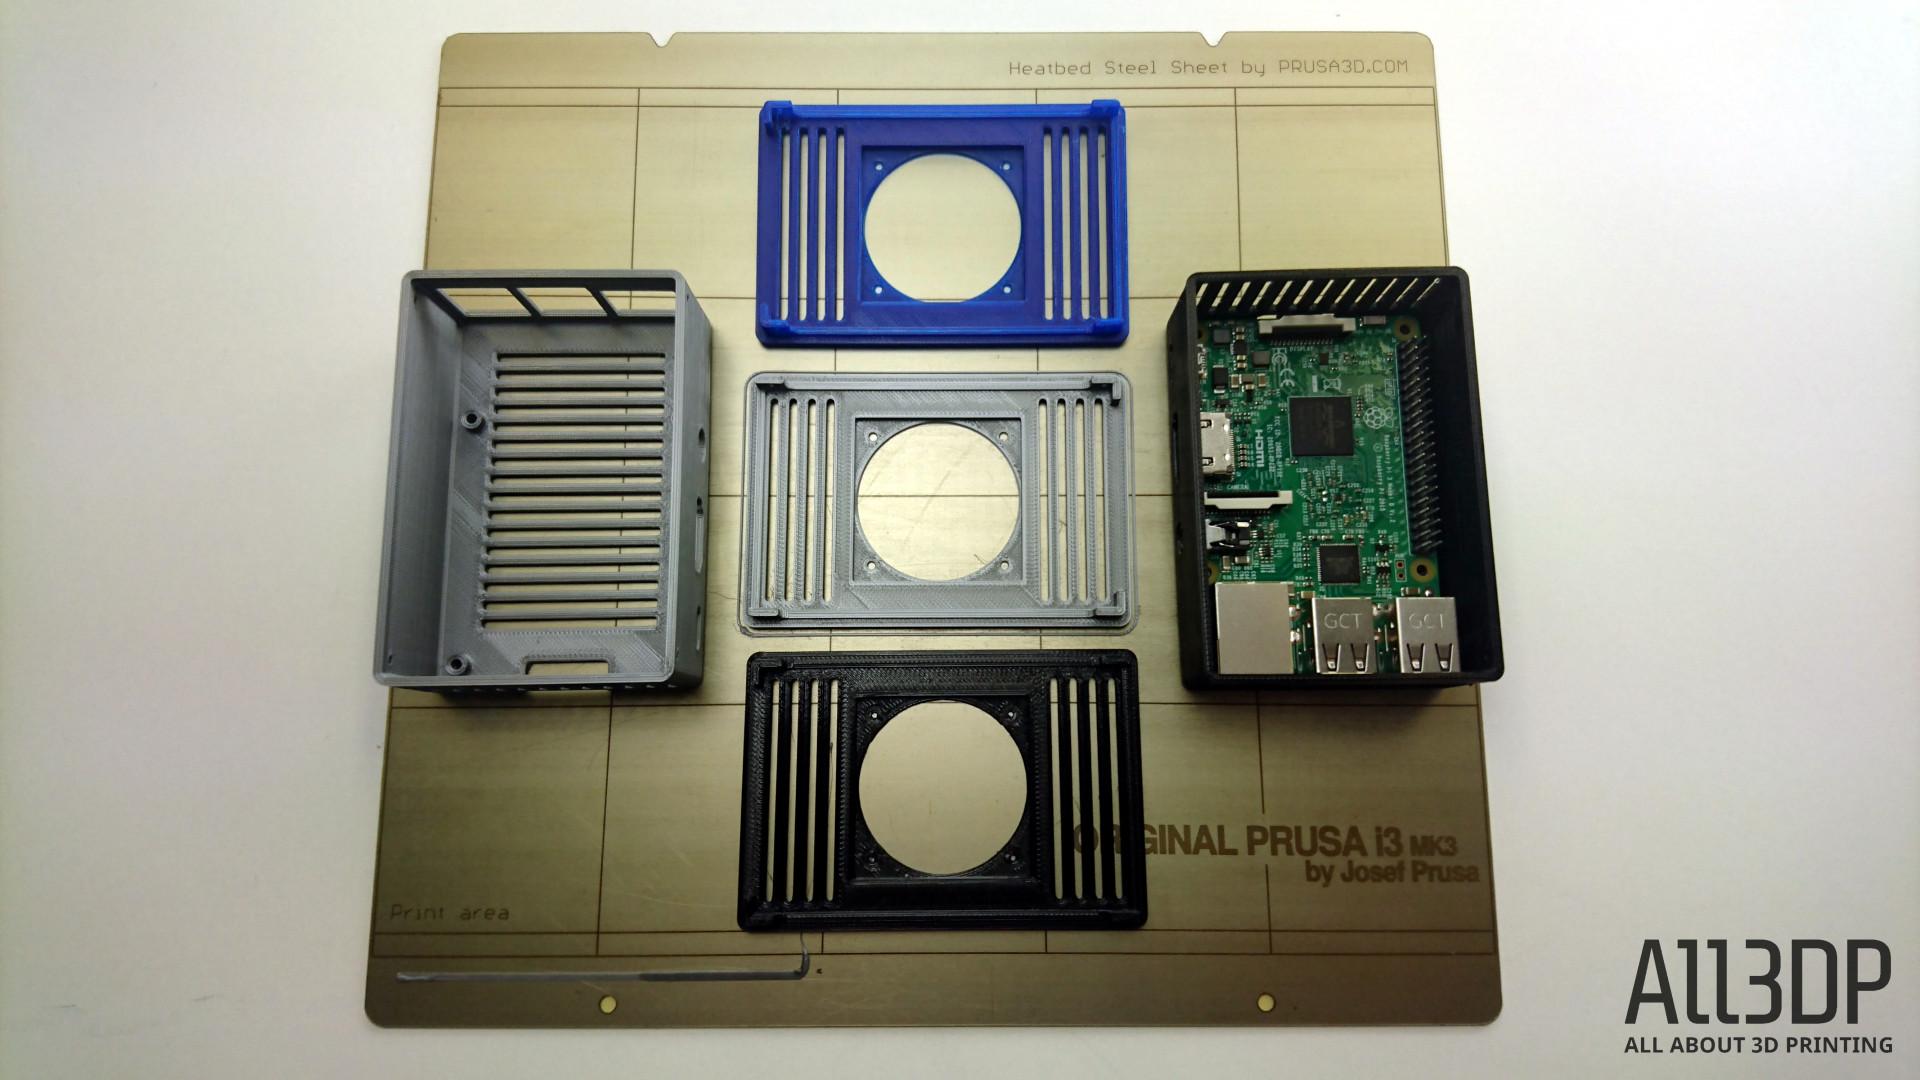 Original Prusa i3 MK3 Test